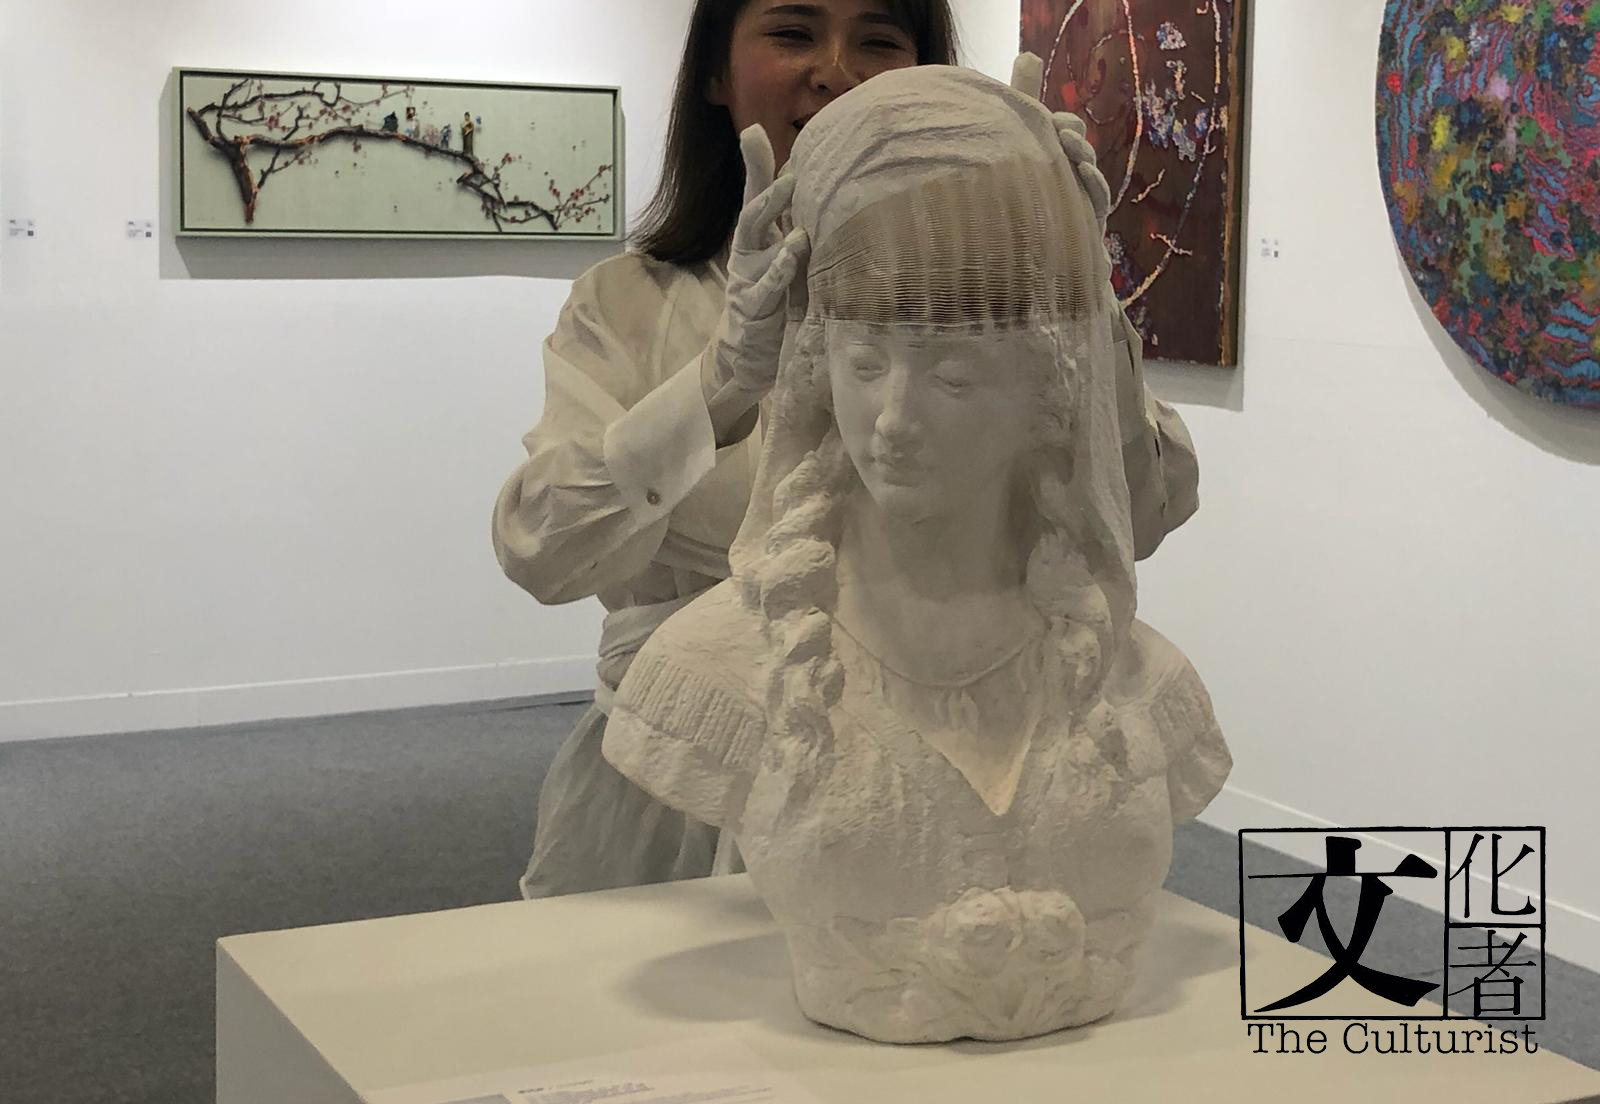 李洪波紙雕塑